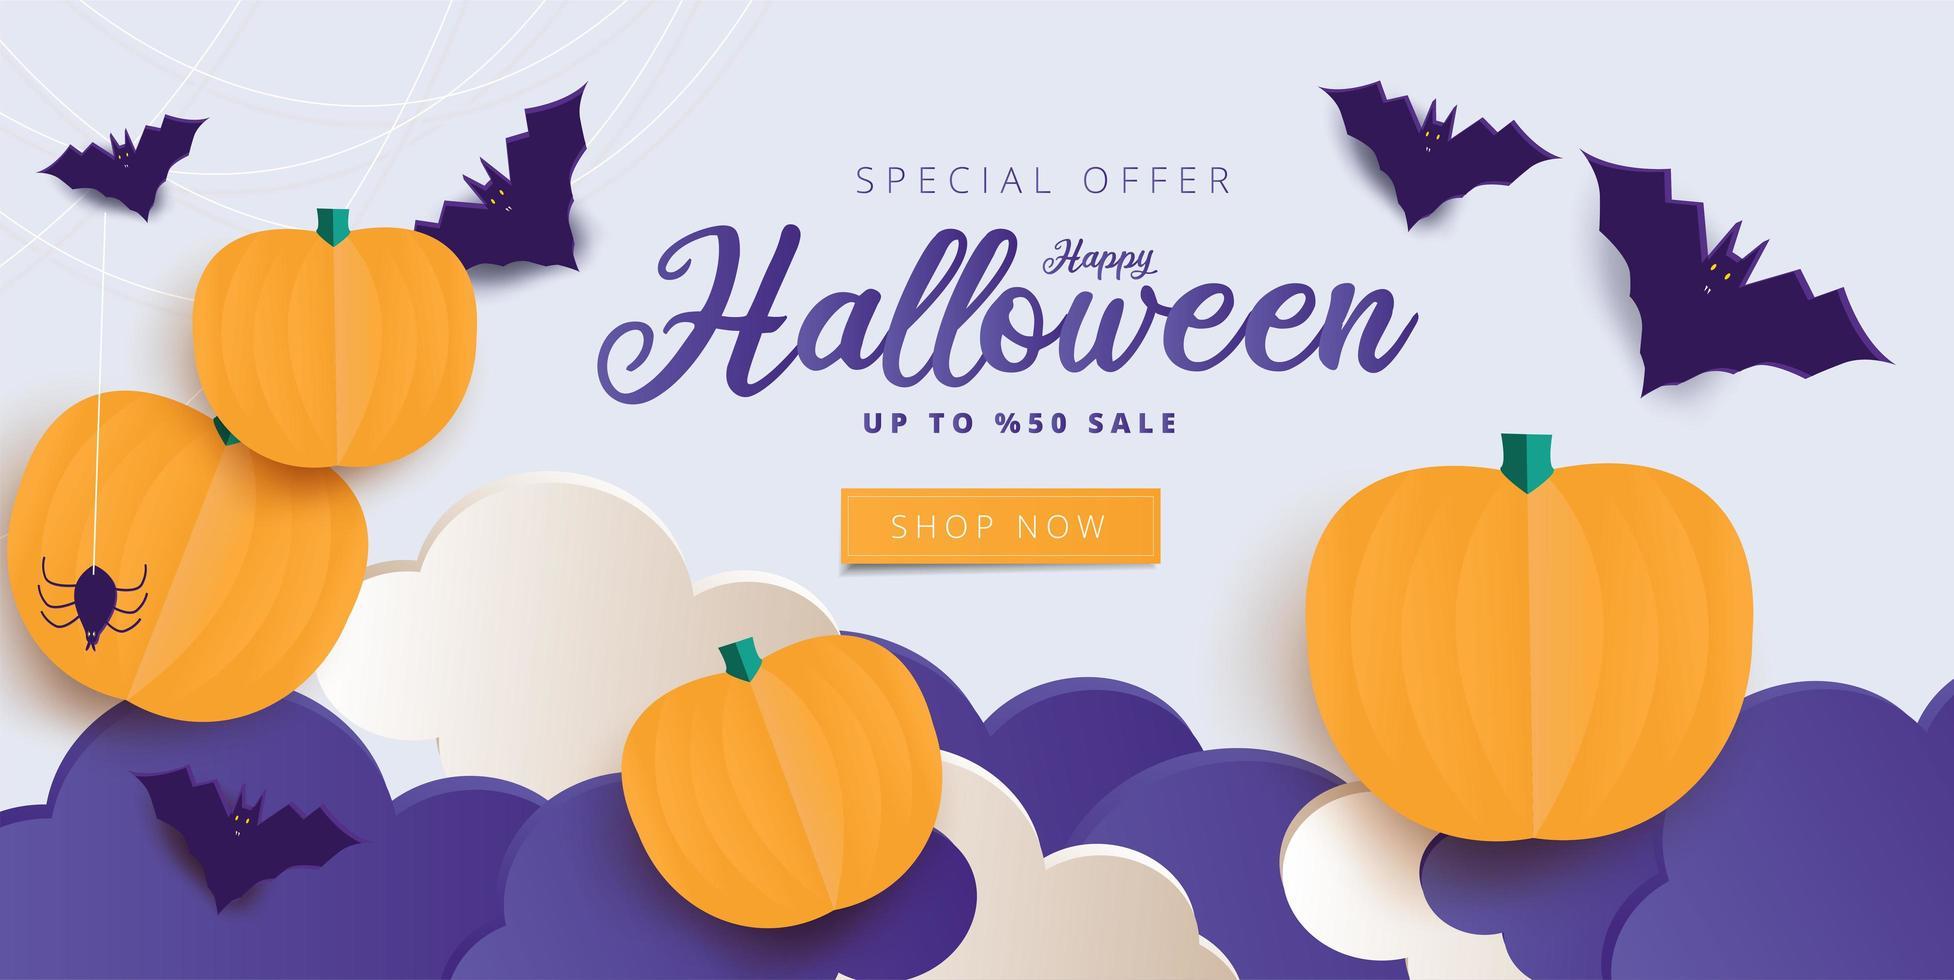 joyeux halloween calligraphie avec des araignées, des chauves-souris et des citrouilles vecteur